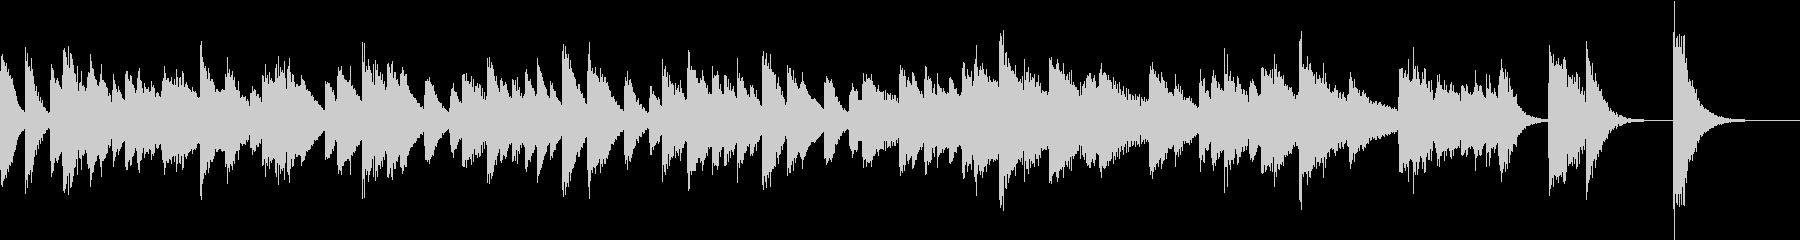 ブラジル音楽のリズミックなピアノジングルの未再生の波形